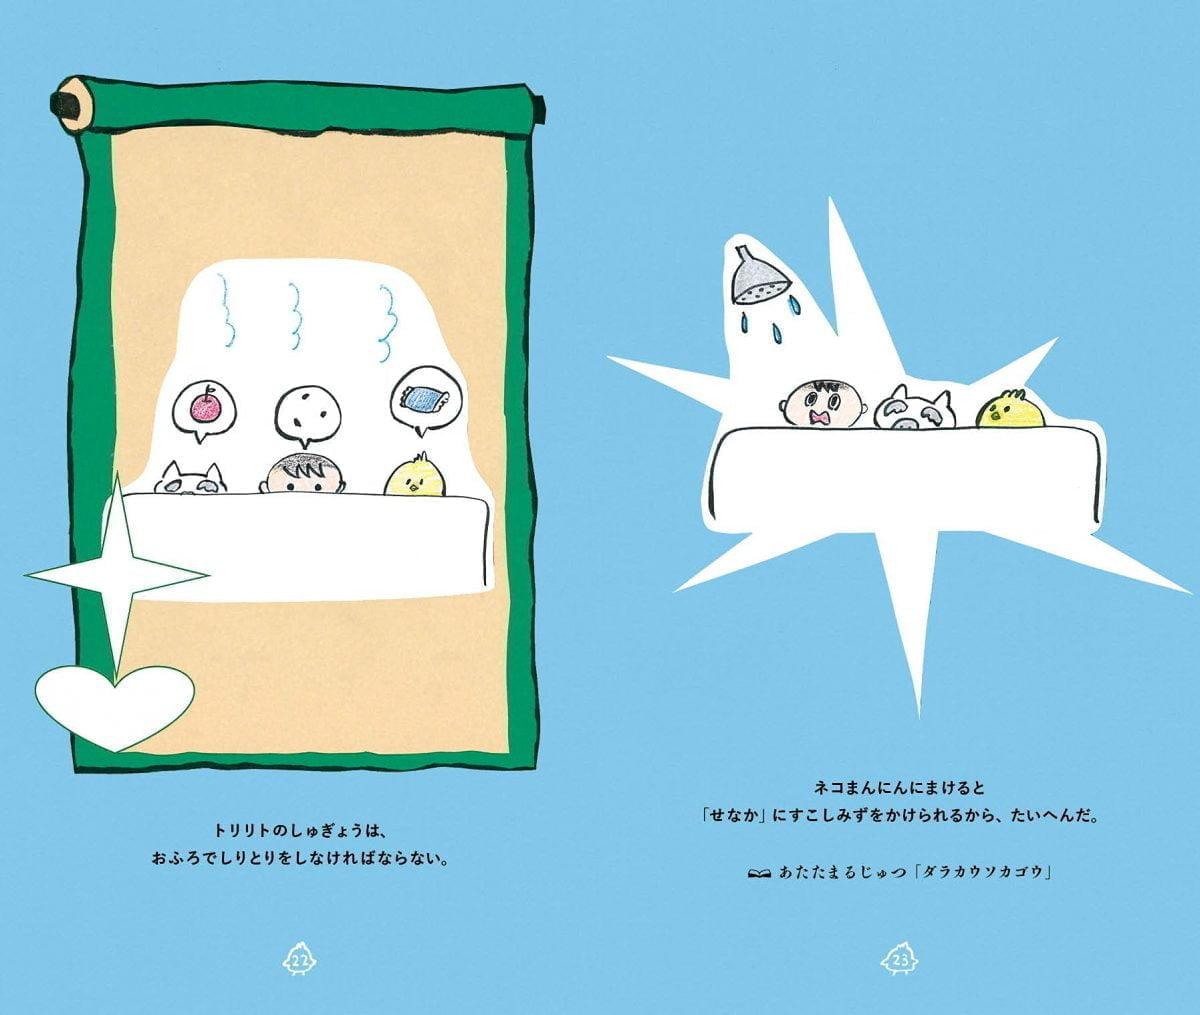 絵本「ネコまんにんとのしゅぎょう」の一コマ5